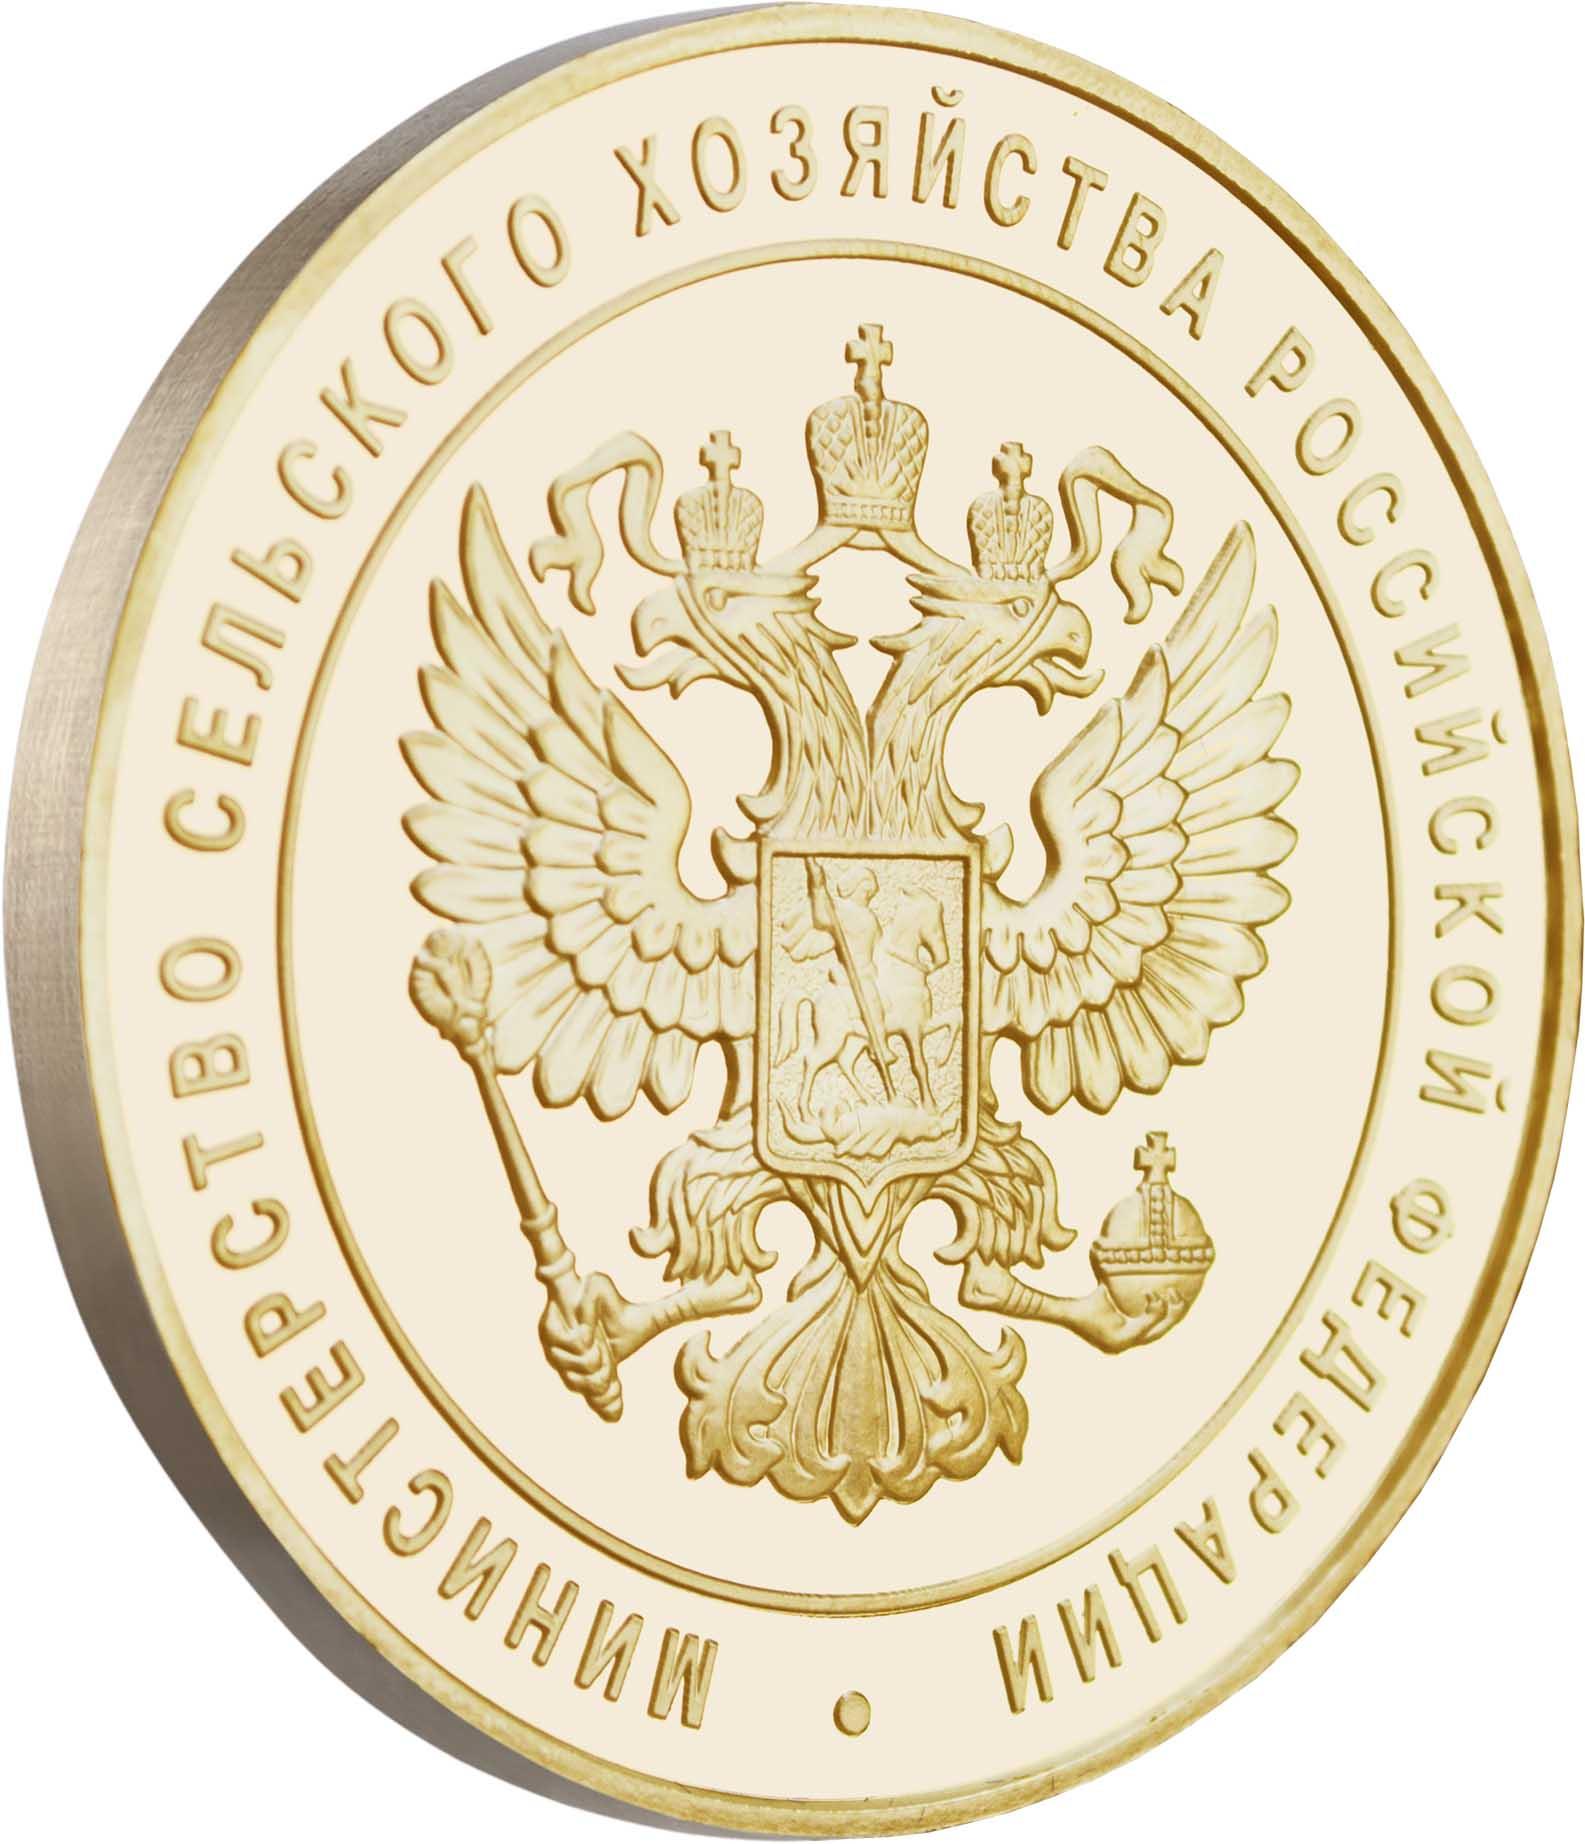 Лучший продукт ПРОД ЭКСПО 2017 - Золотая медаль задняя сторона